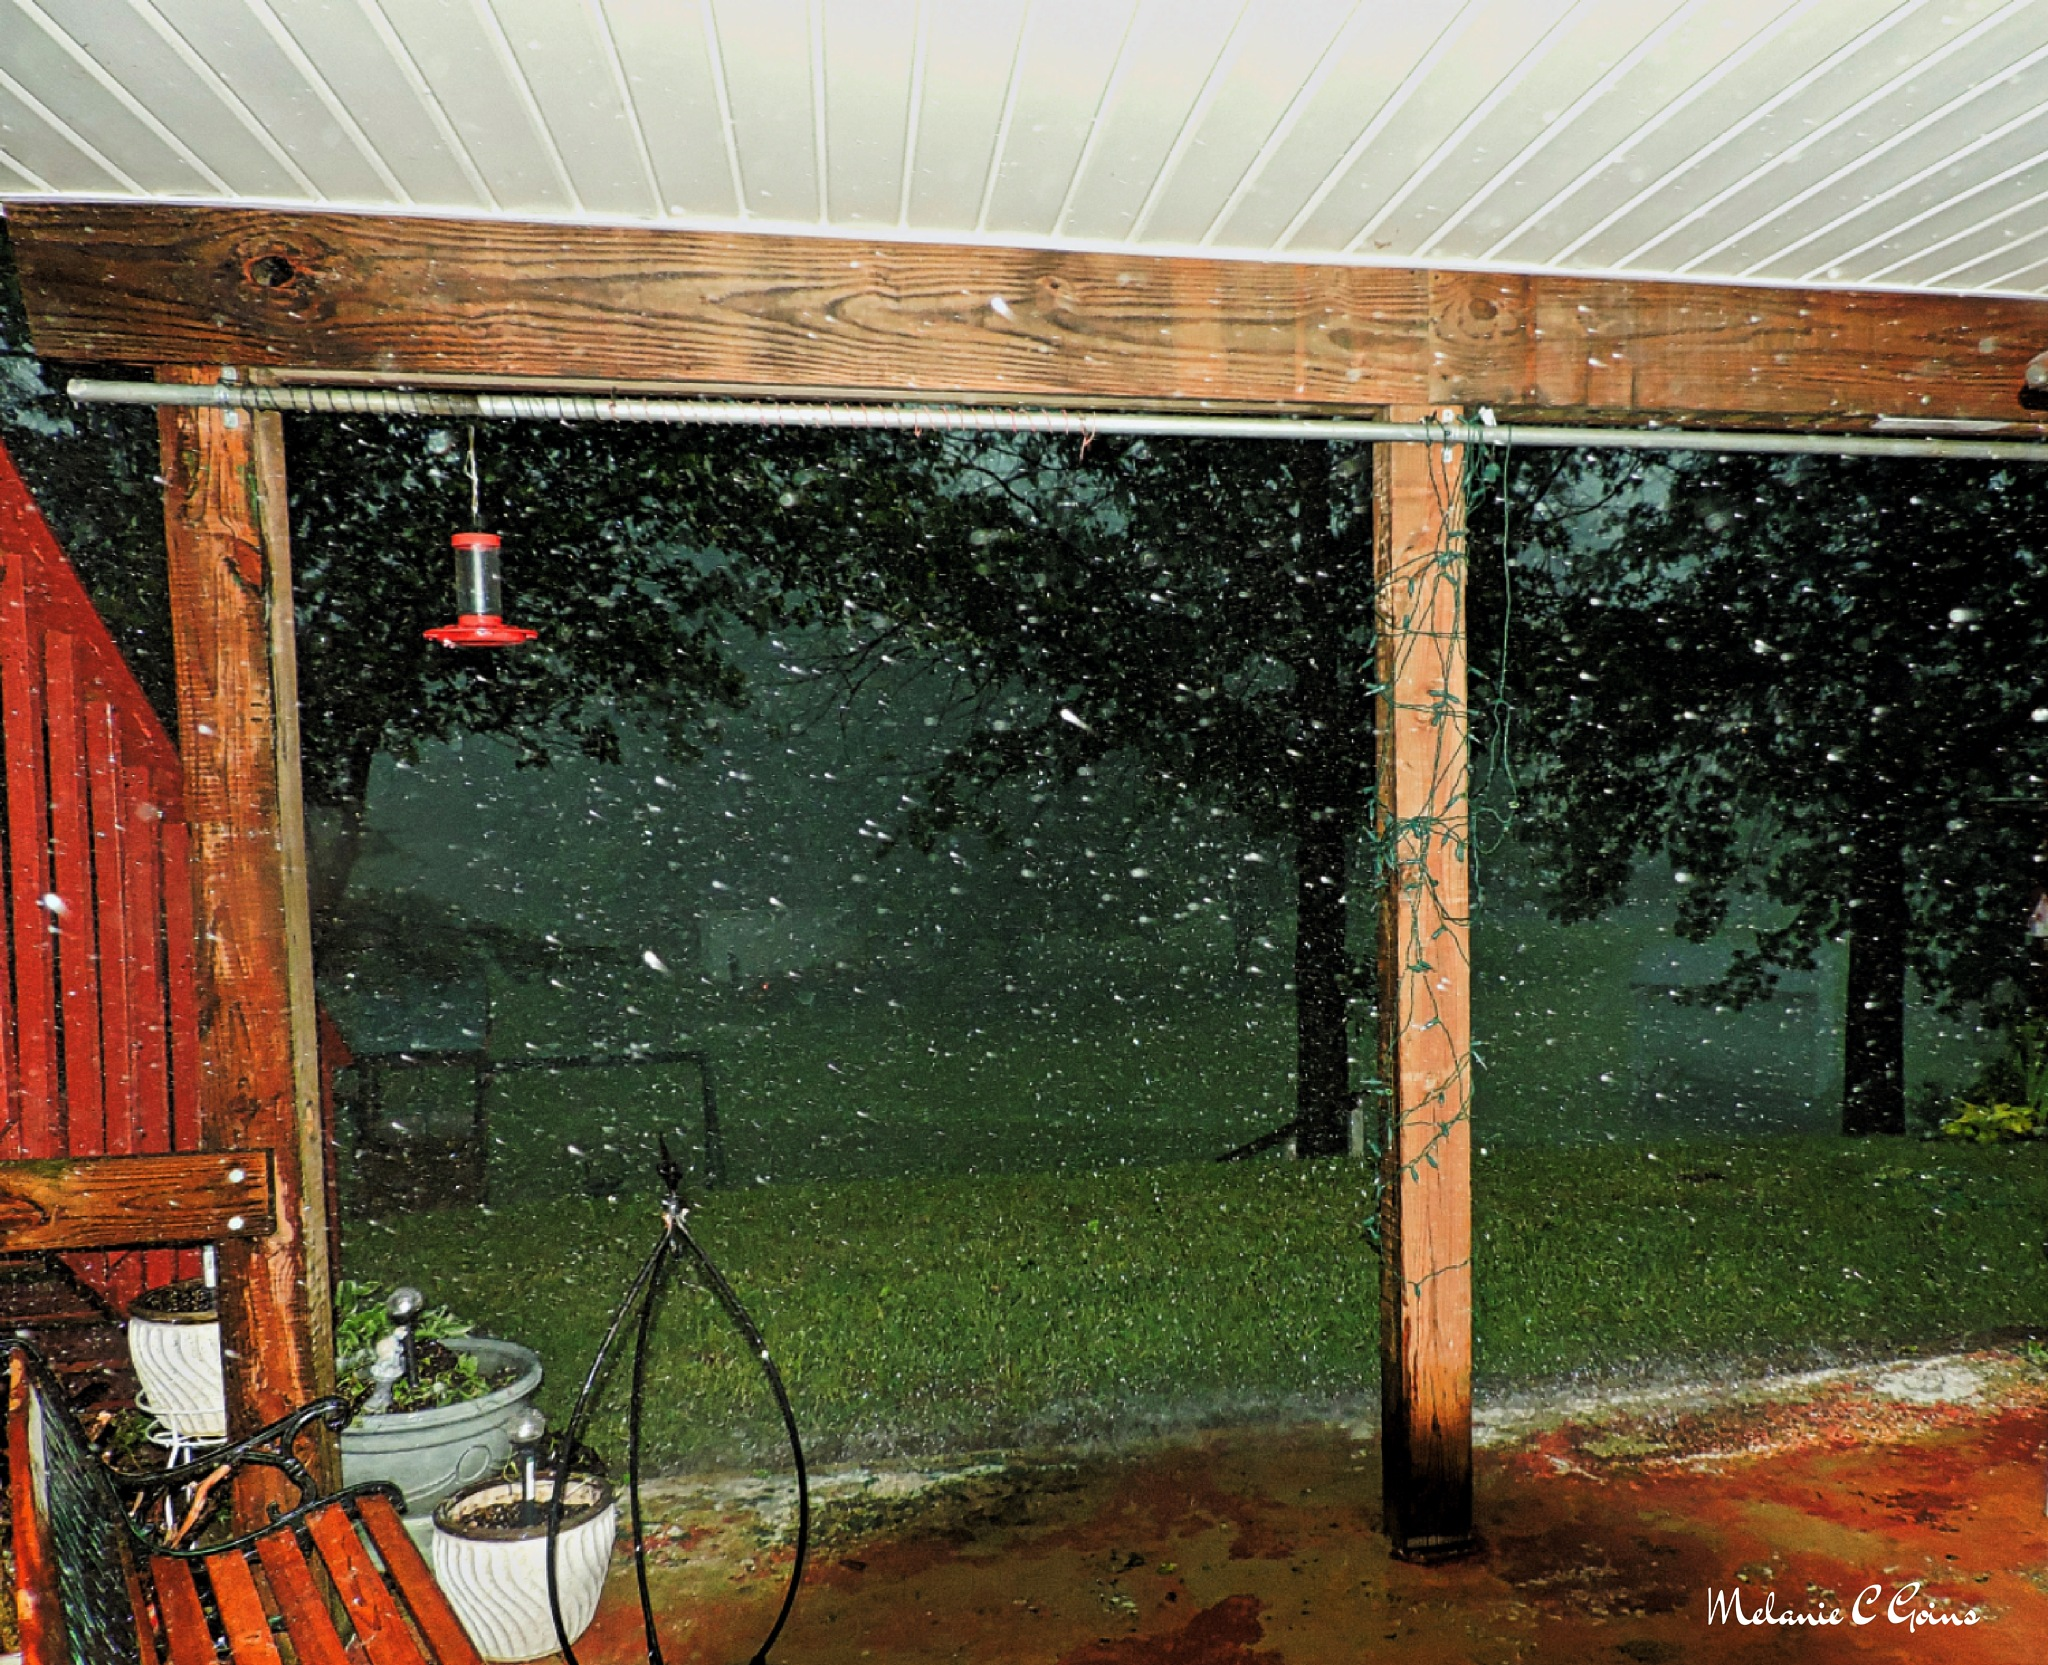 The Rain.... by Melanie Goins